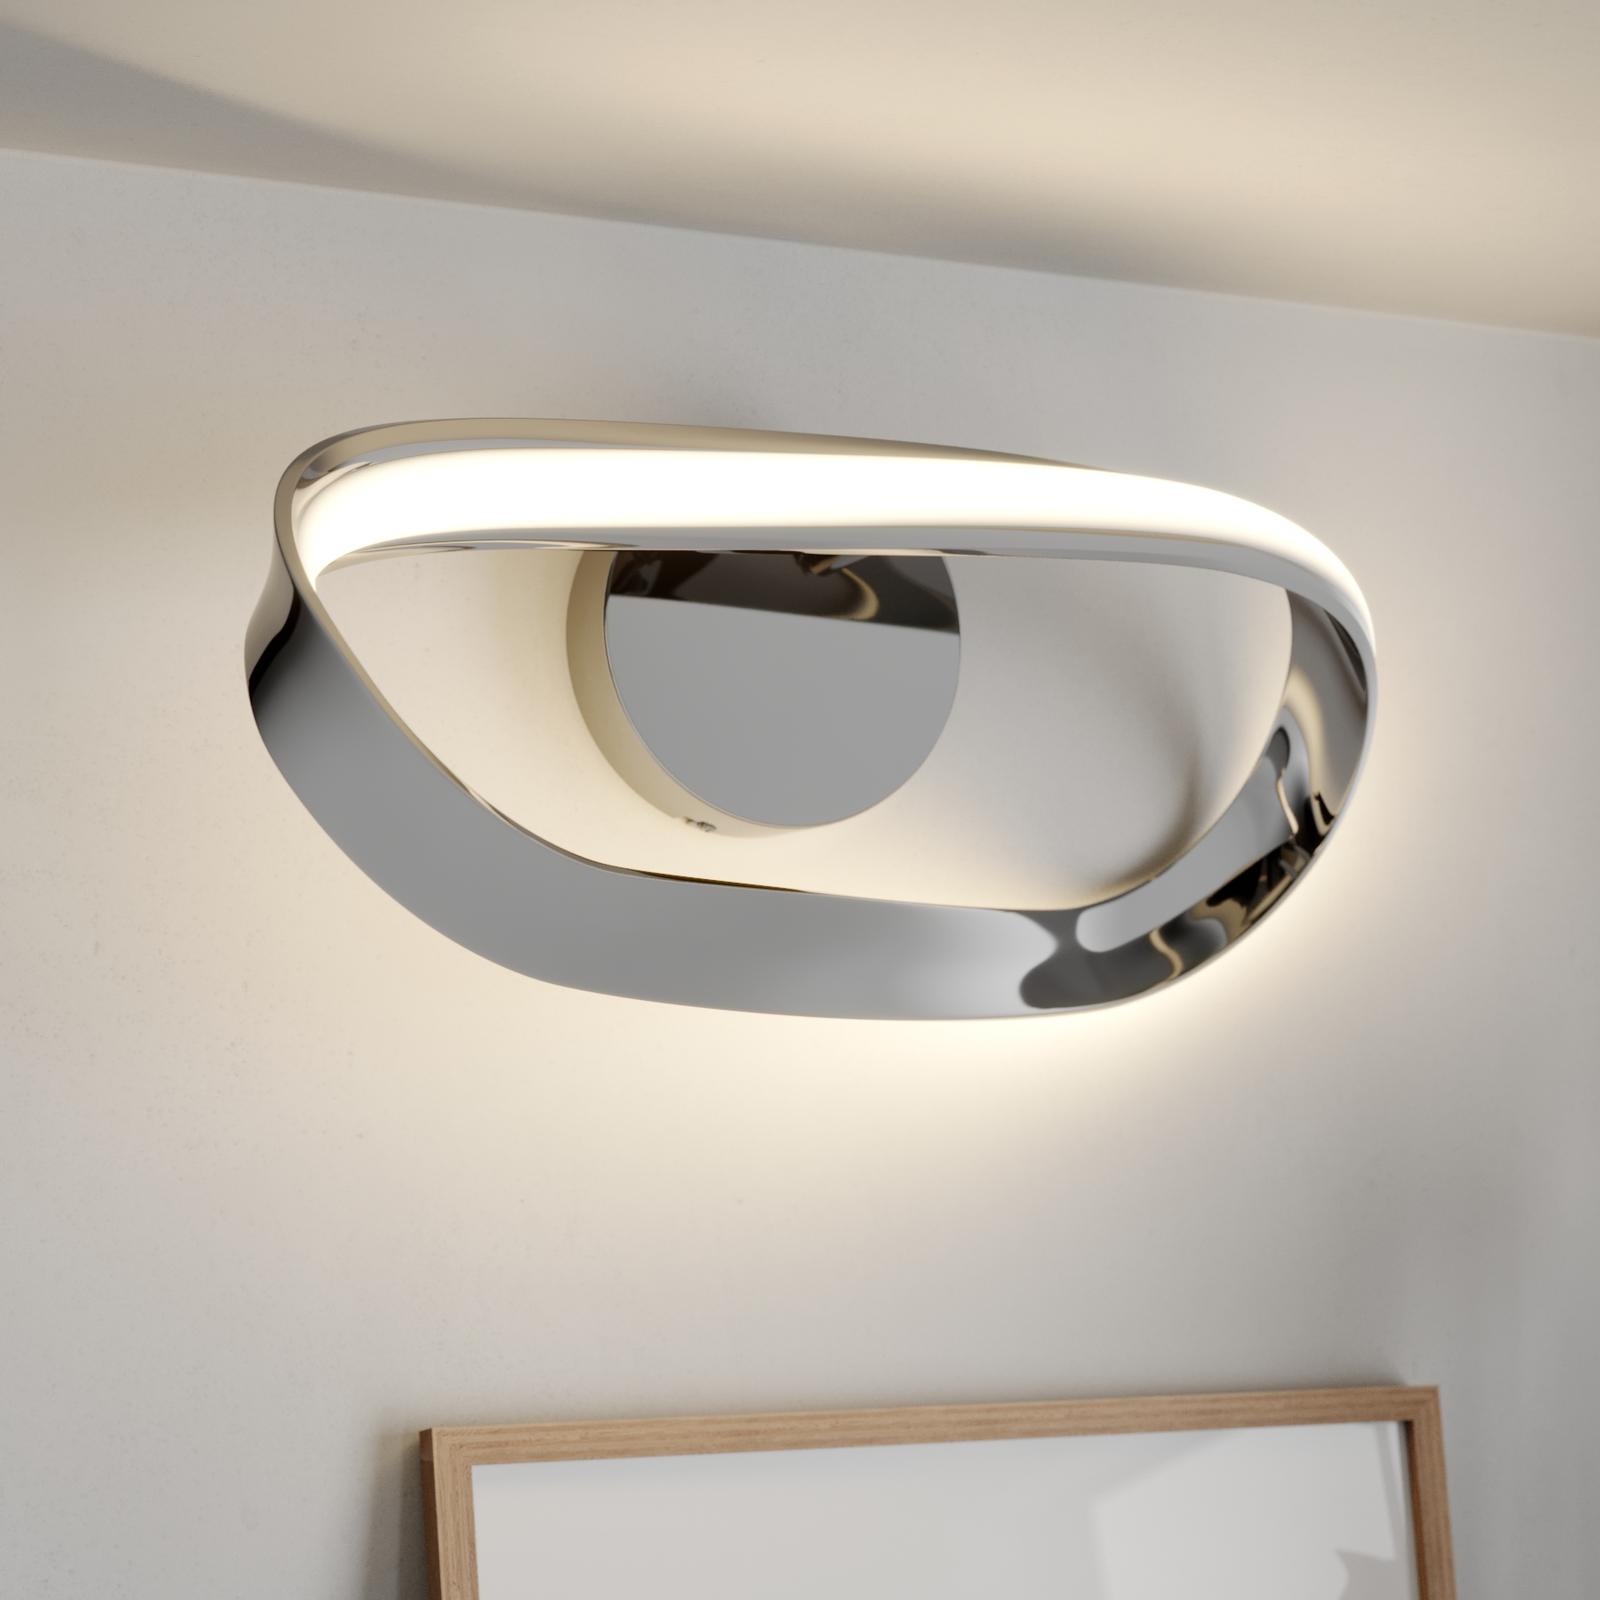 Lucande Xalia LED-vegglampe